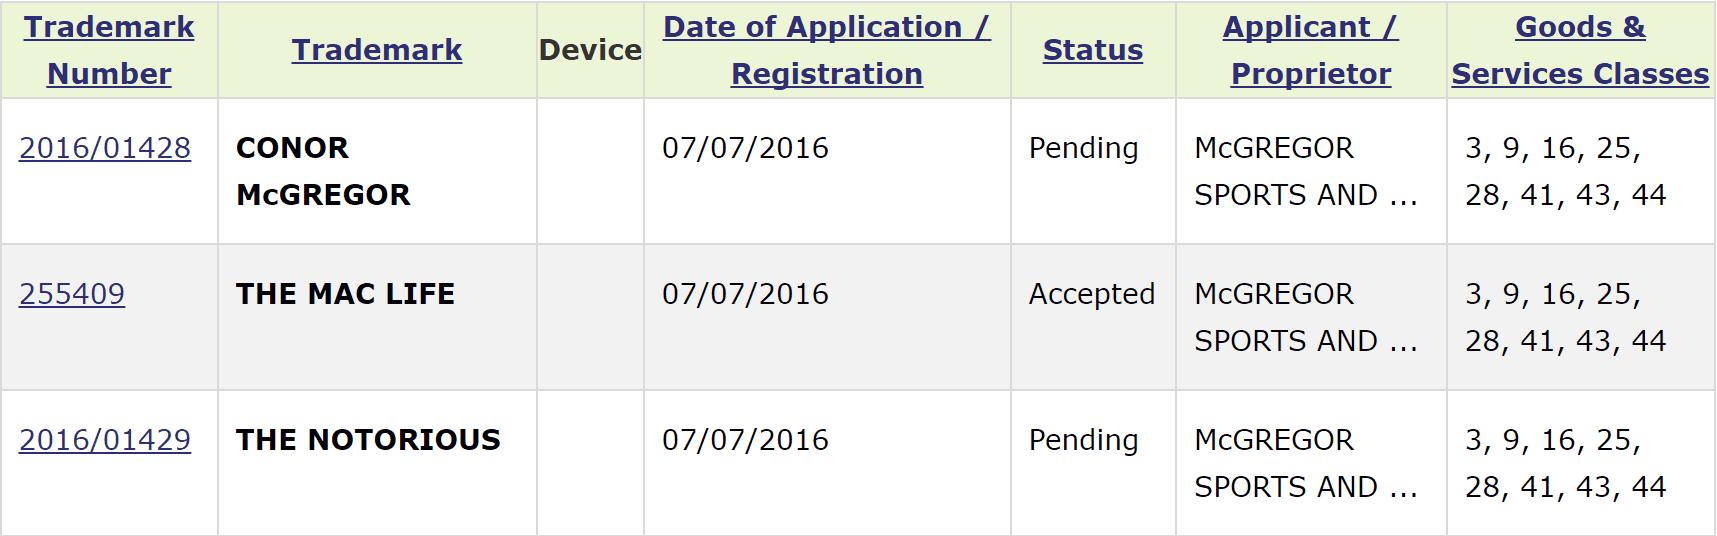 Conor McGregor Irish Trademark Applications